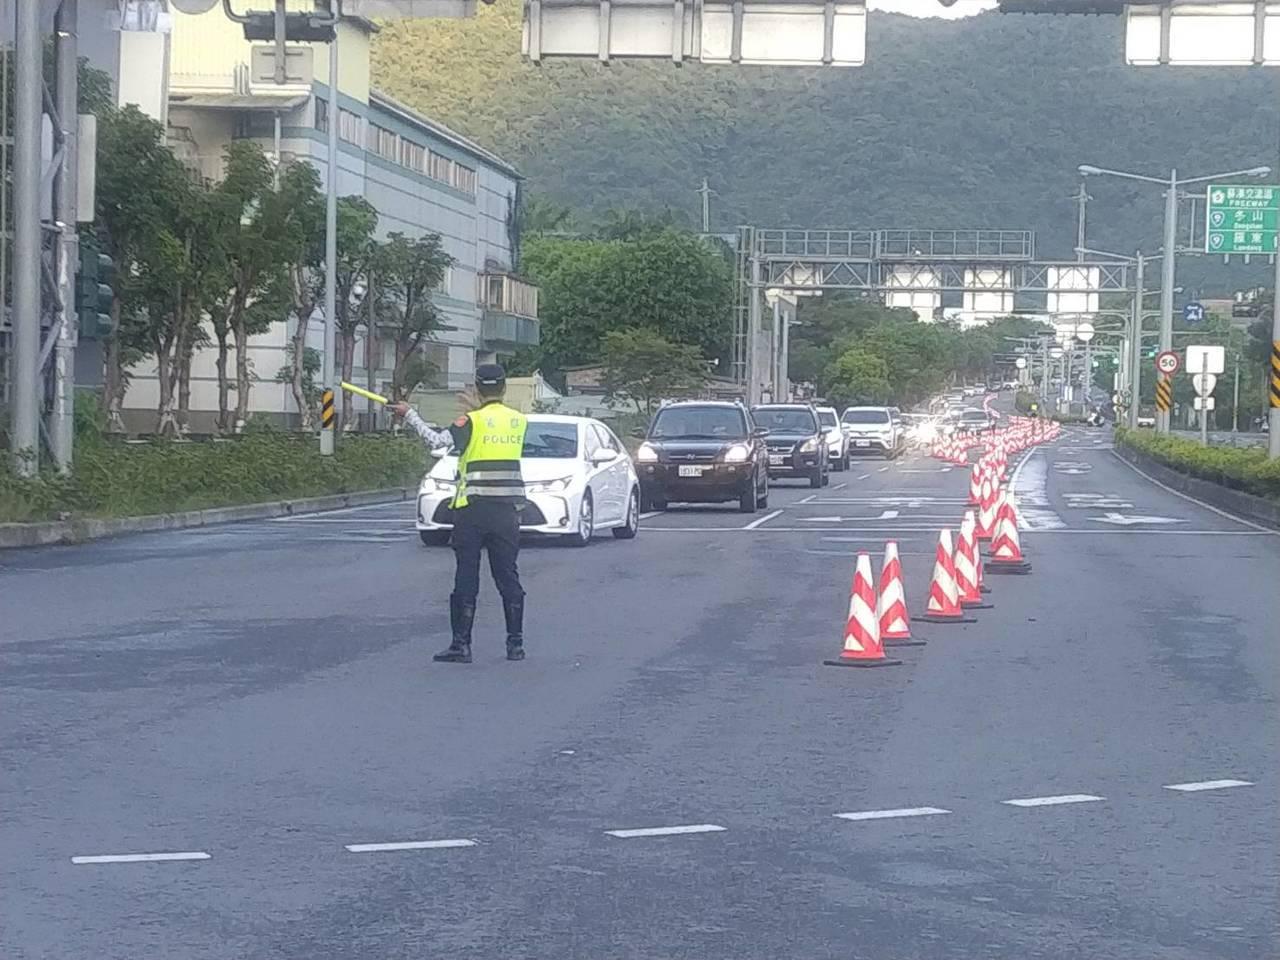 天氣晴朗,出遊人多,今天清晨5時起南下車潮湧現,宜蘭員警不畏艷陽辛苦執勤,在各路...